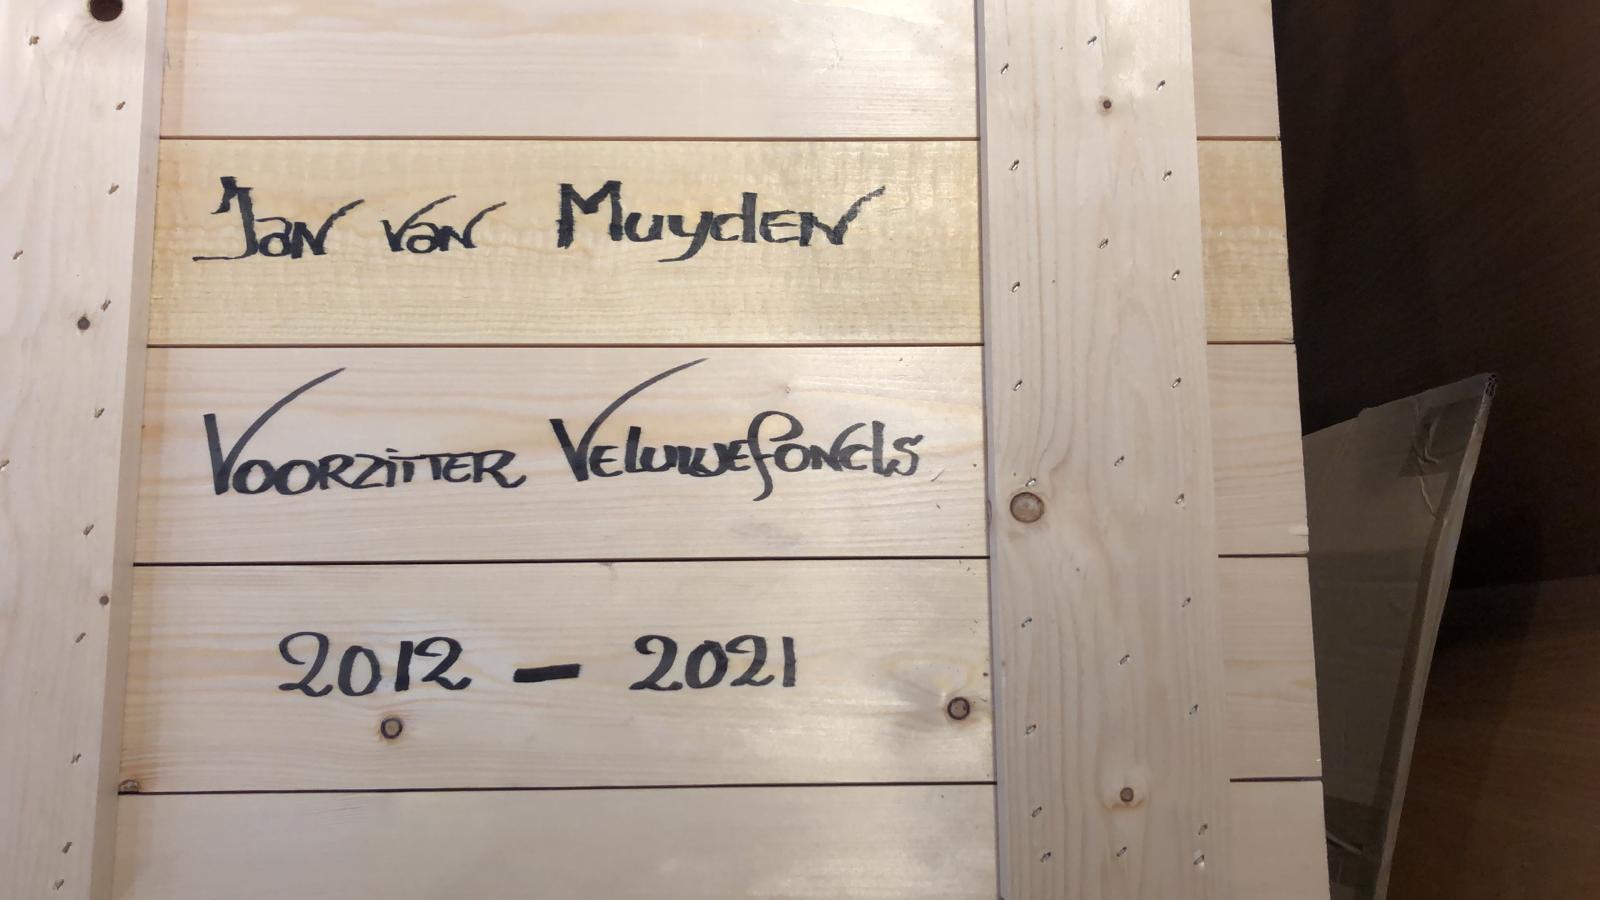 plaquette Jan van Muyden